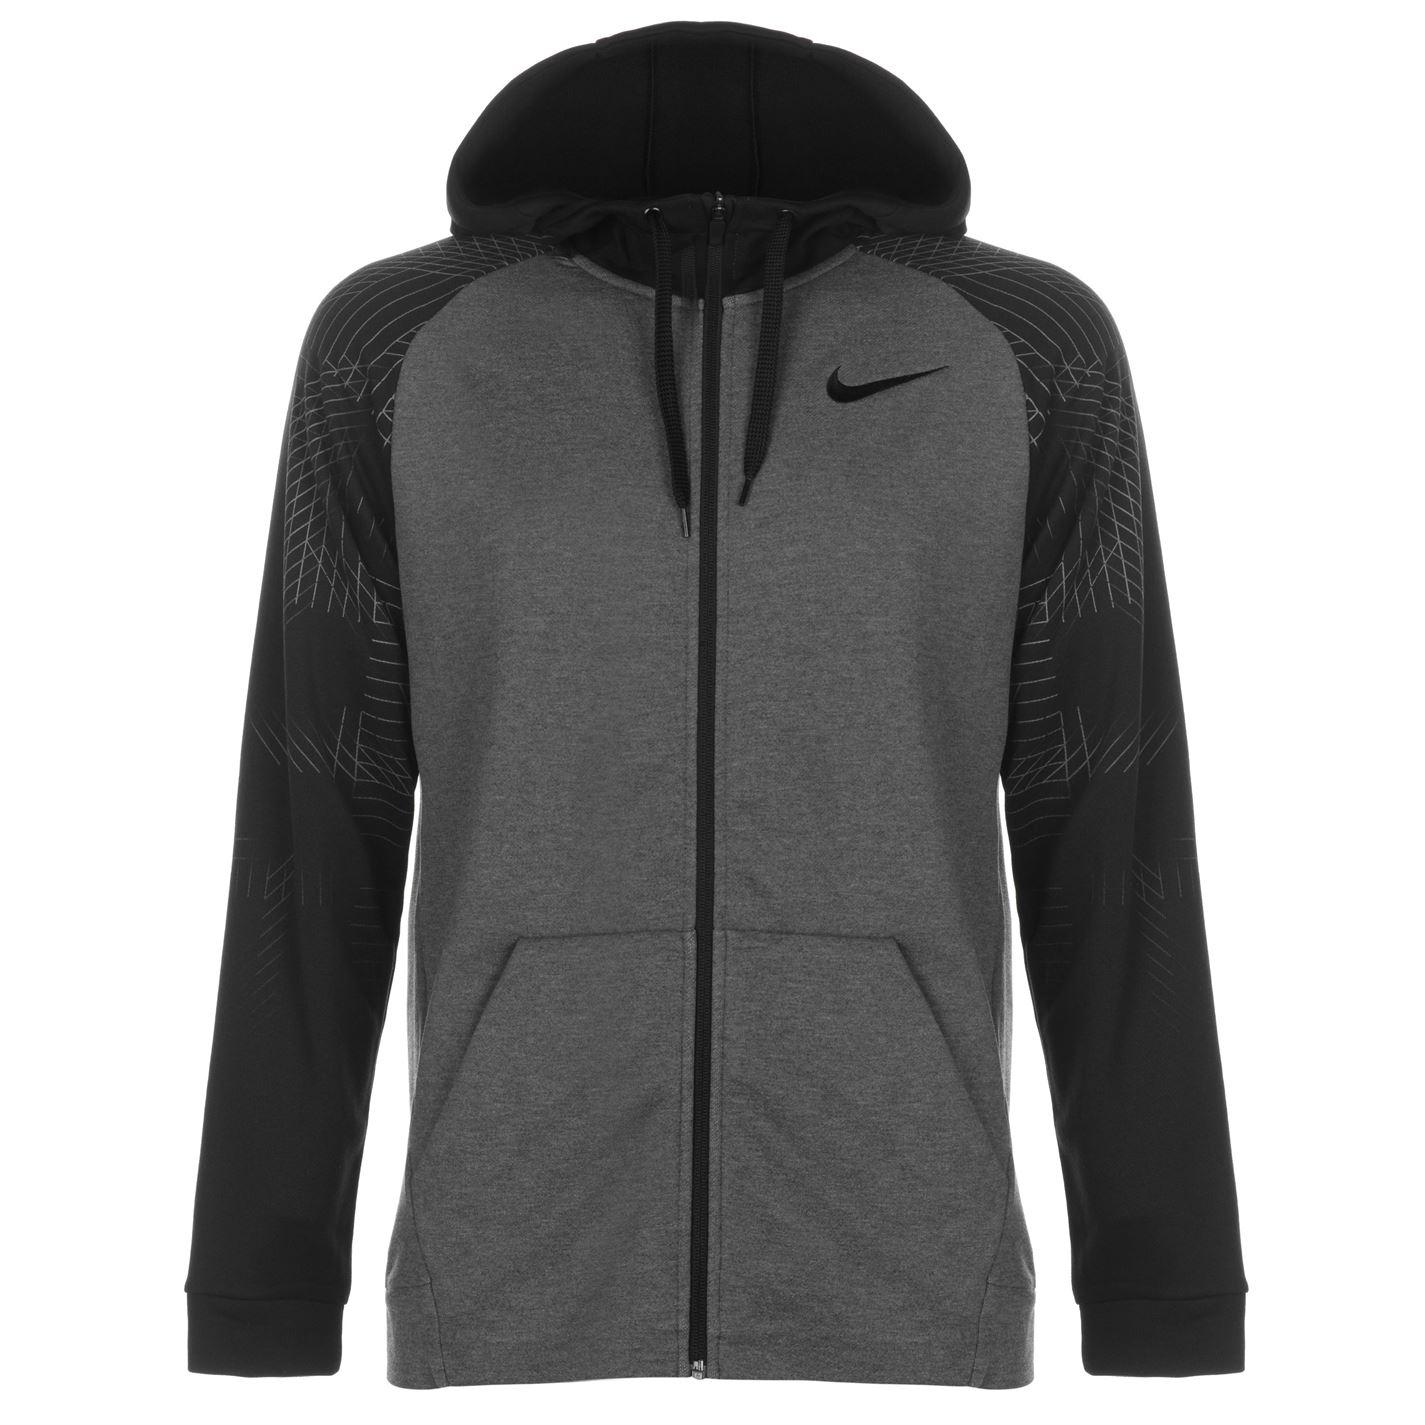 Nike GFX Dry pánska mikina